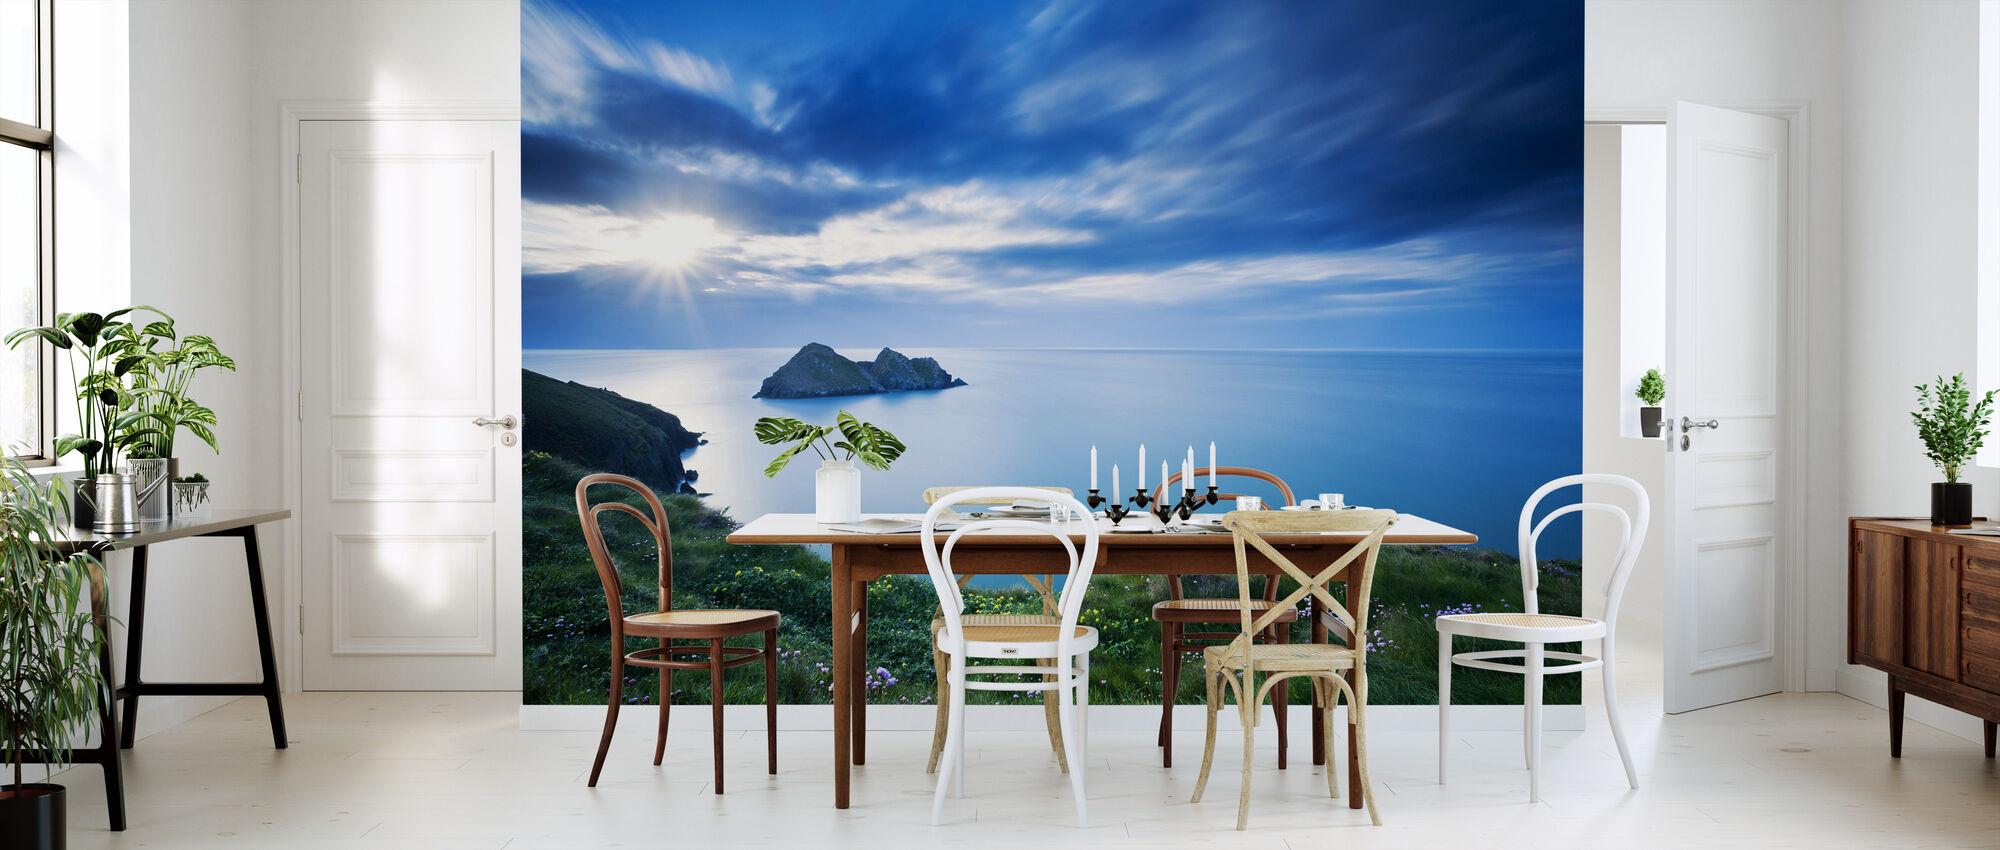 Symfoni i Blue - Tapet - Kjøkken